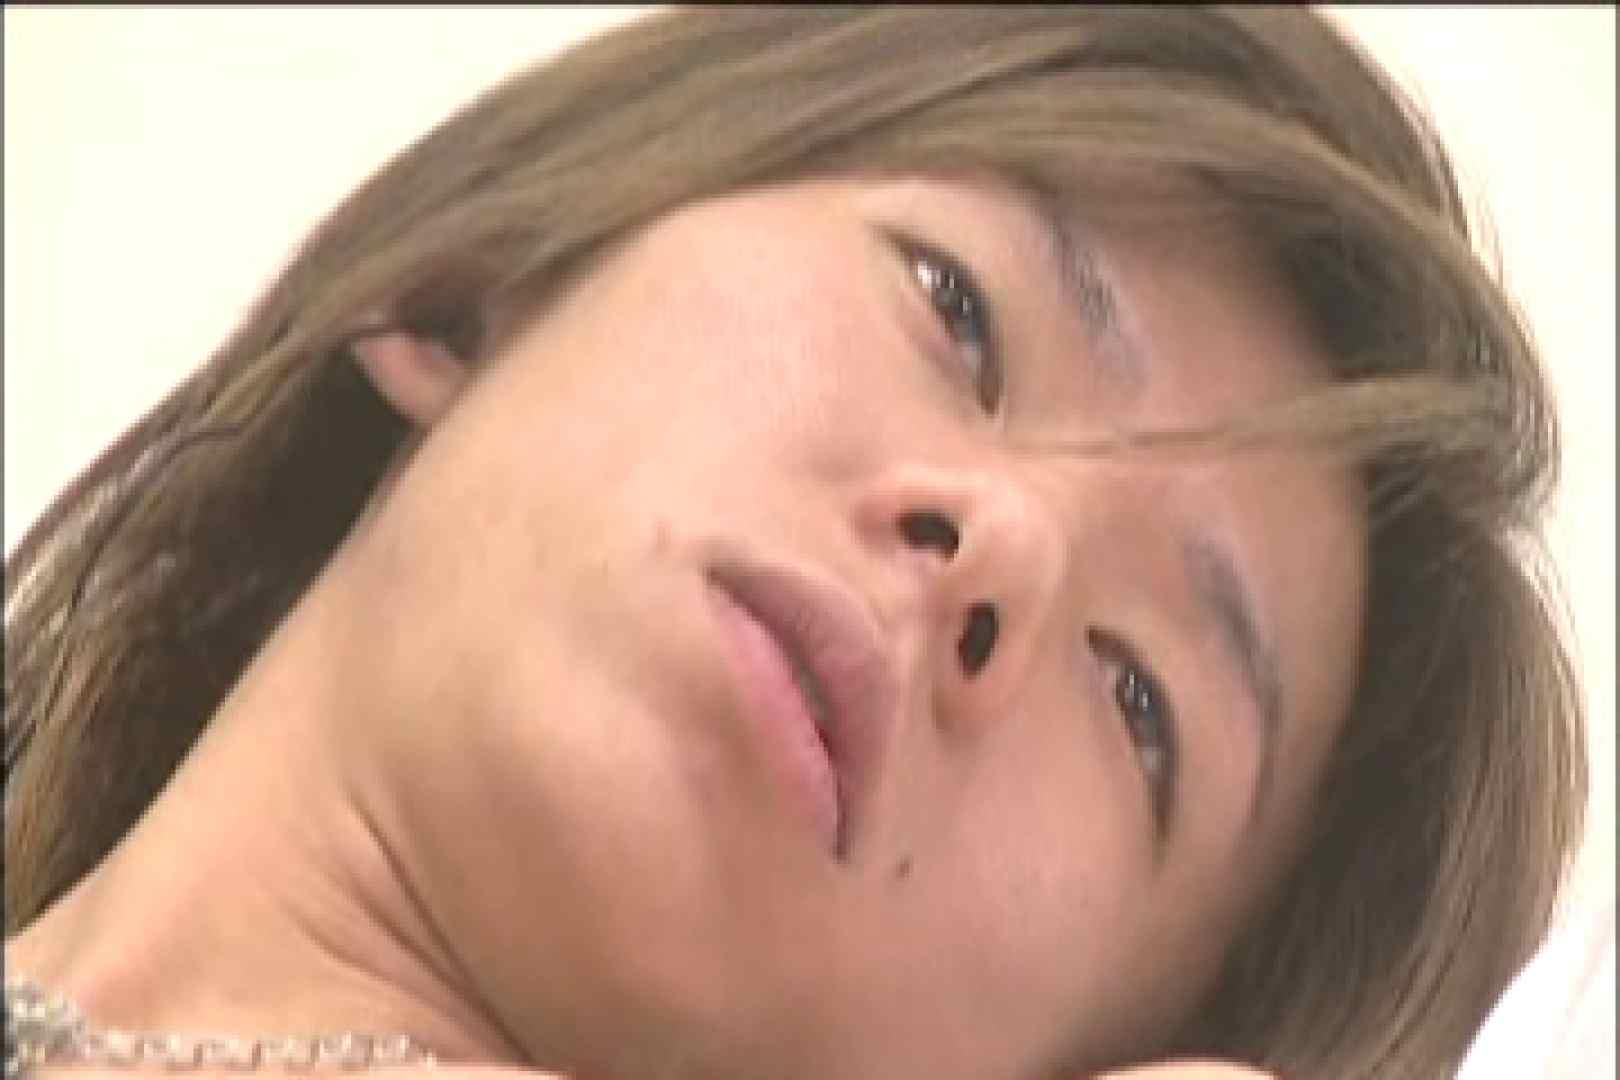 イケメン☆パラダイス〜男ざかりの君たちへ〜vol.43 ケツマン ゲイ無修正動画画像 74画像 34